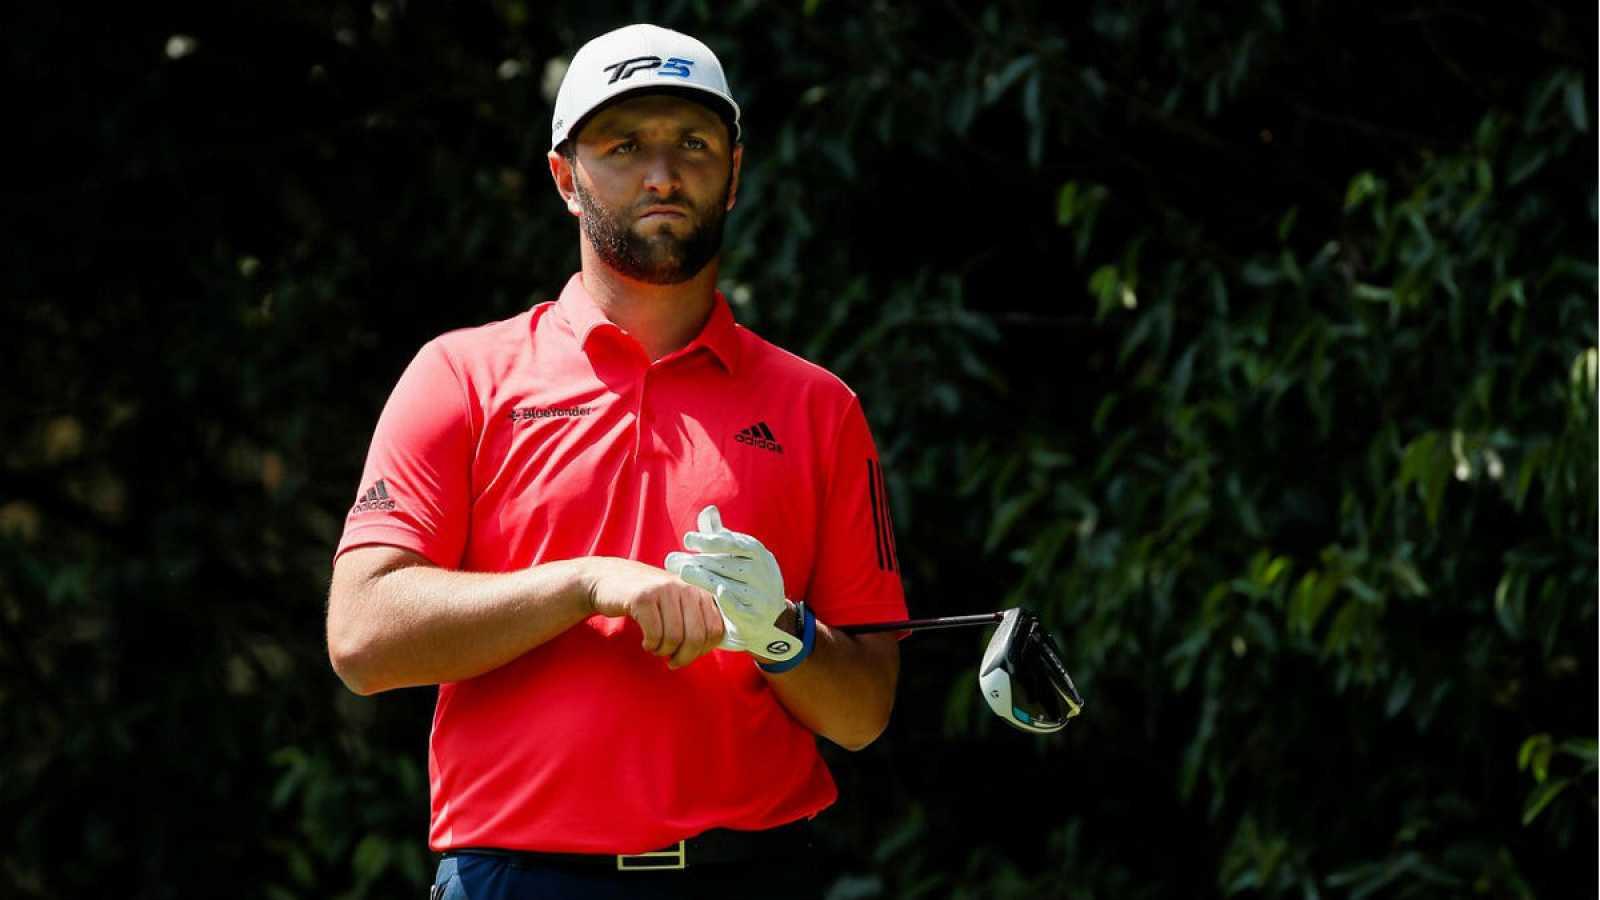 El español Jon Rahm, durante su participación en la última ronda del World Tour Championship de la PGA que se realiza en el Club de Golf Chapultepec de la Ciudad de México (México).